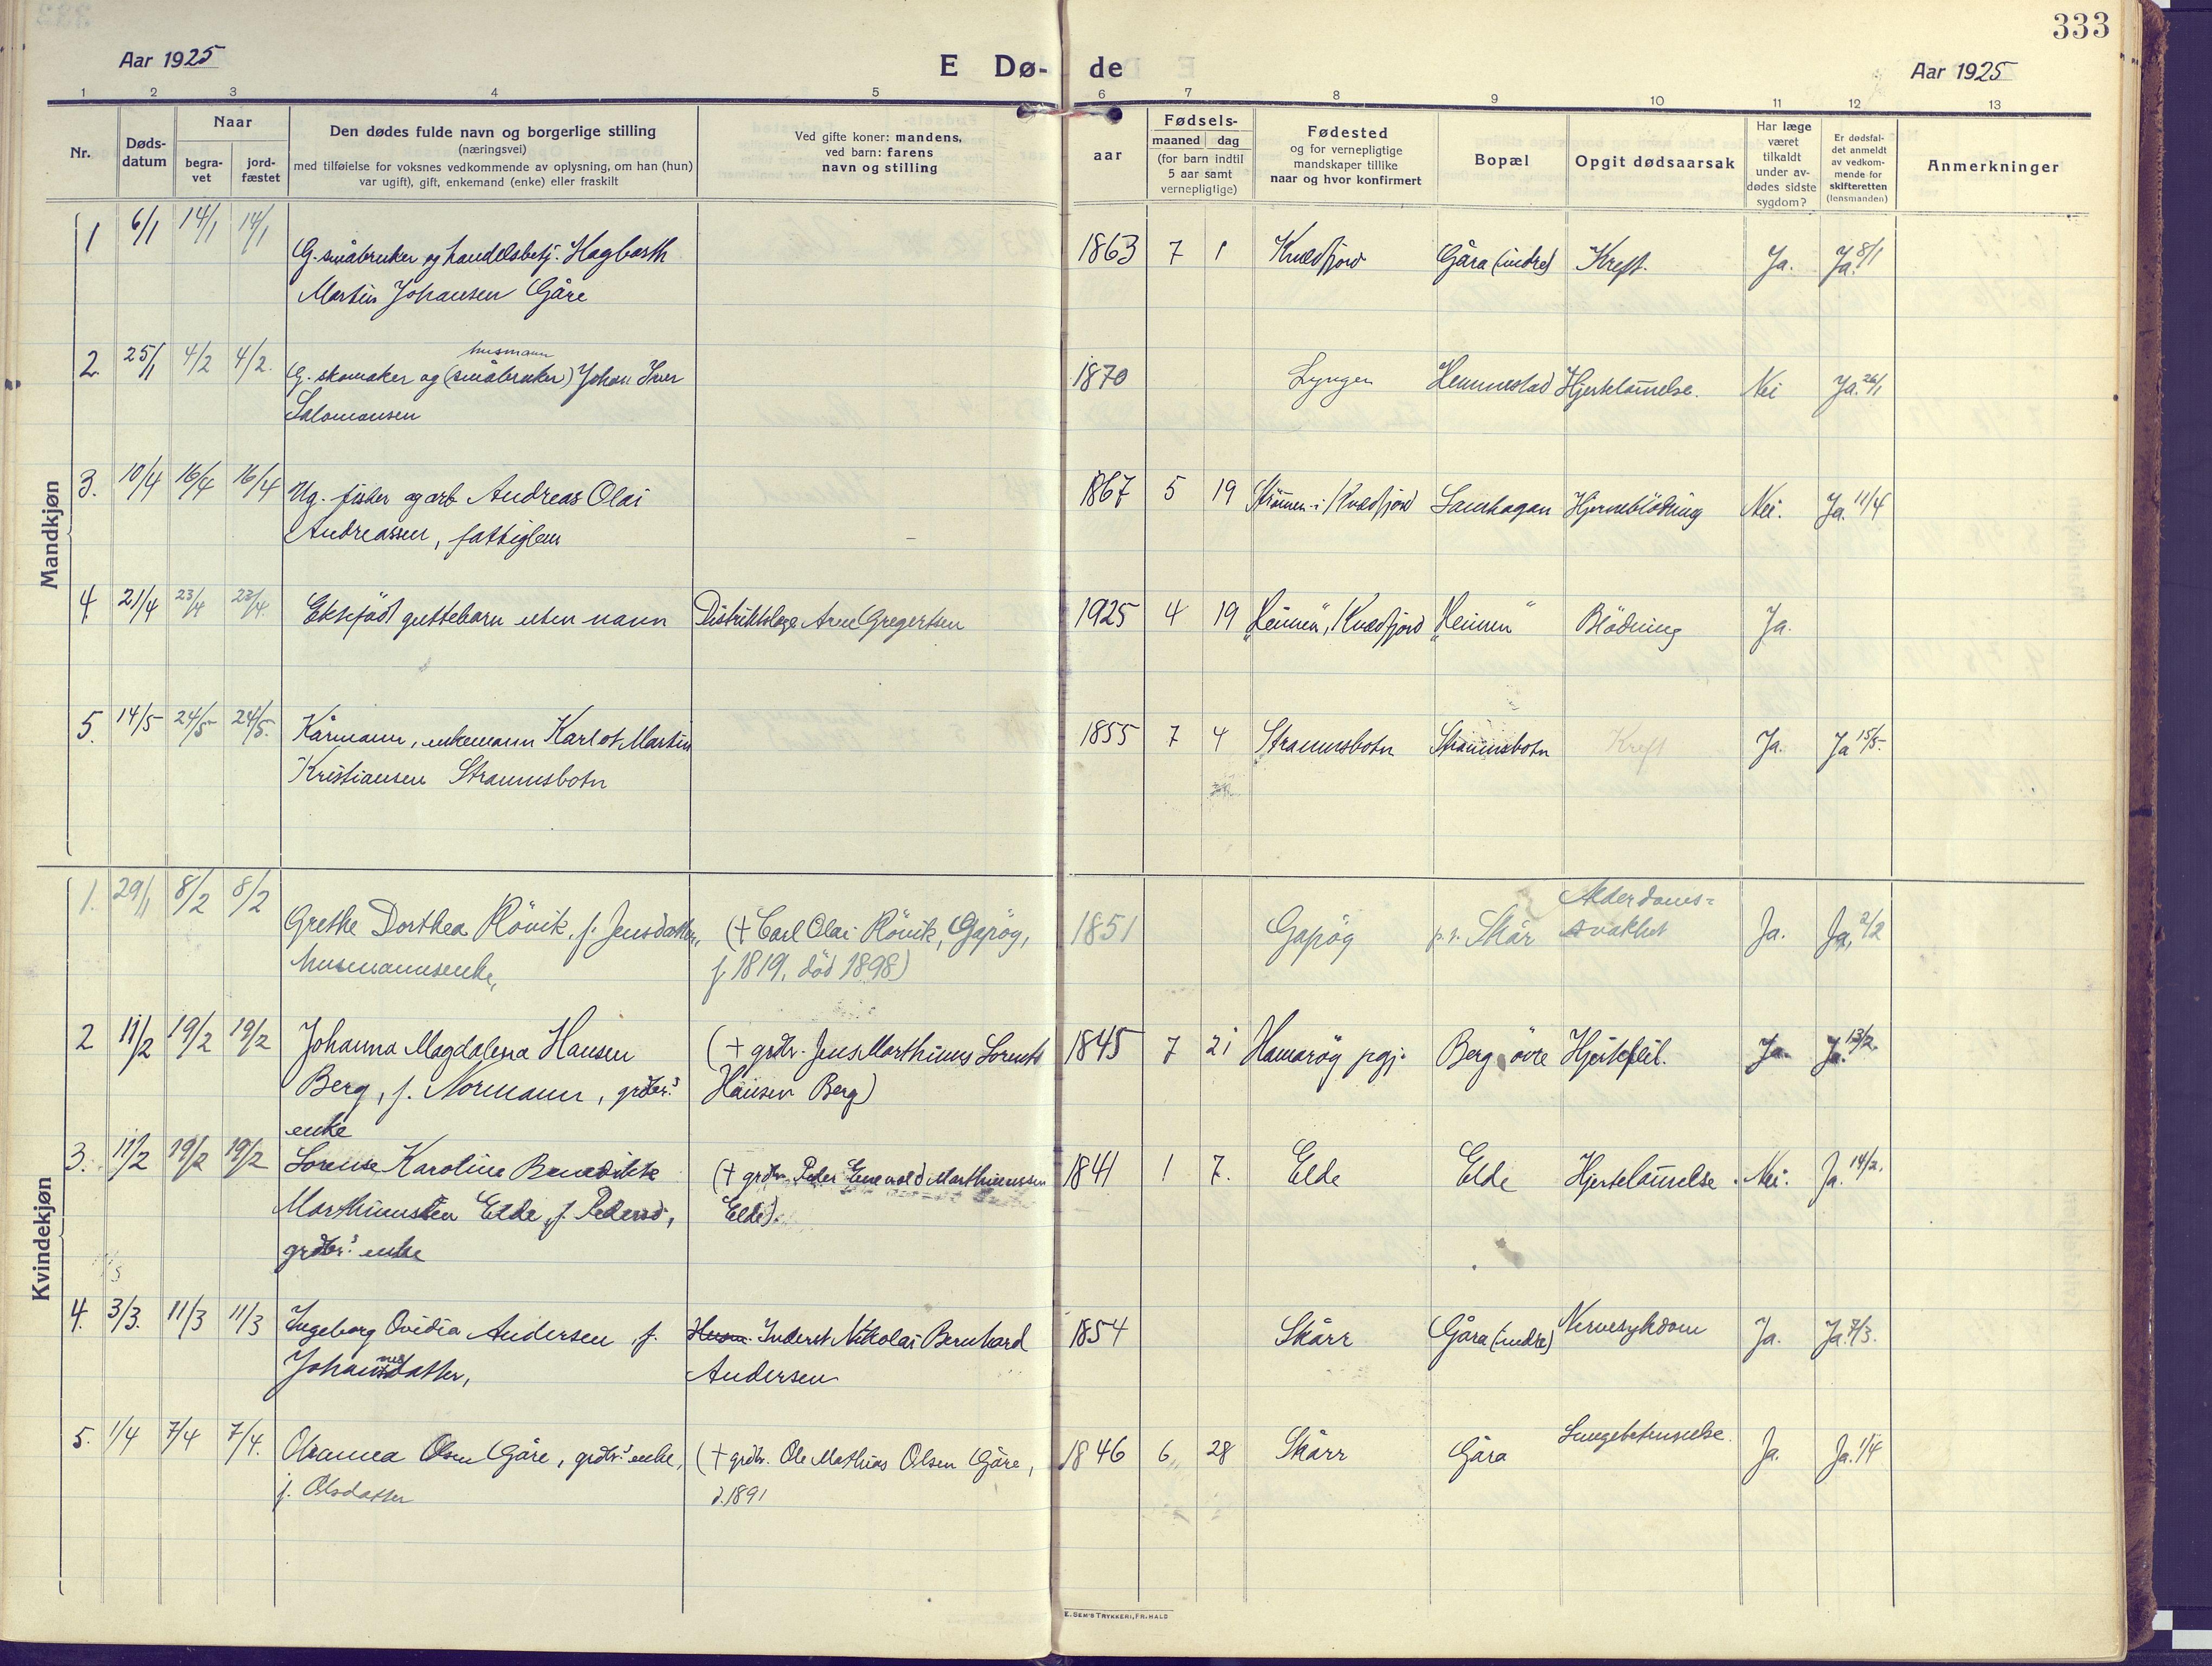 SATØ, Kvæfjord sokneprestkontor, G/Ga/Gaa/L0007kirke: Ministerialbok nr. 7, 1915-1931, s. 333